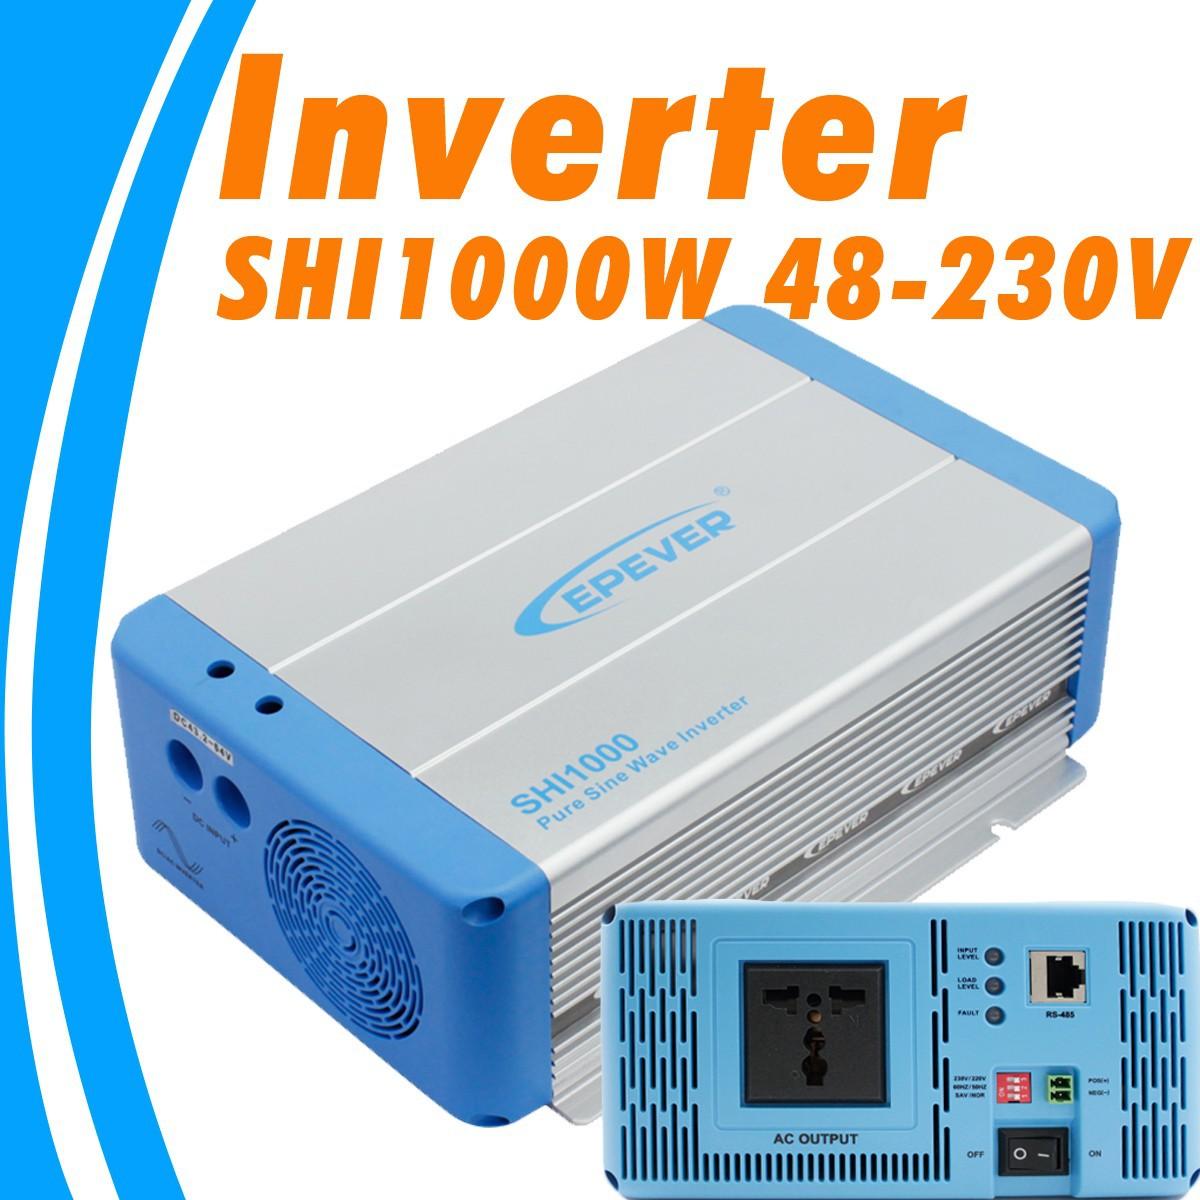 SHI1000-28